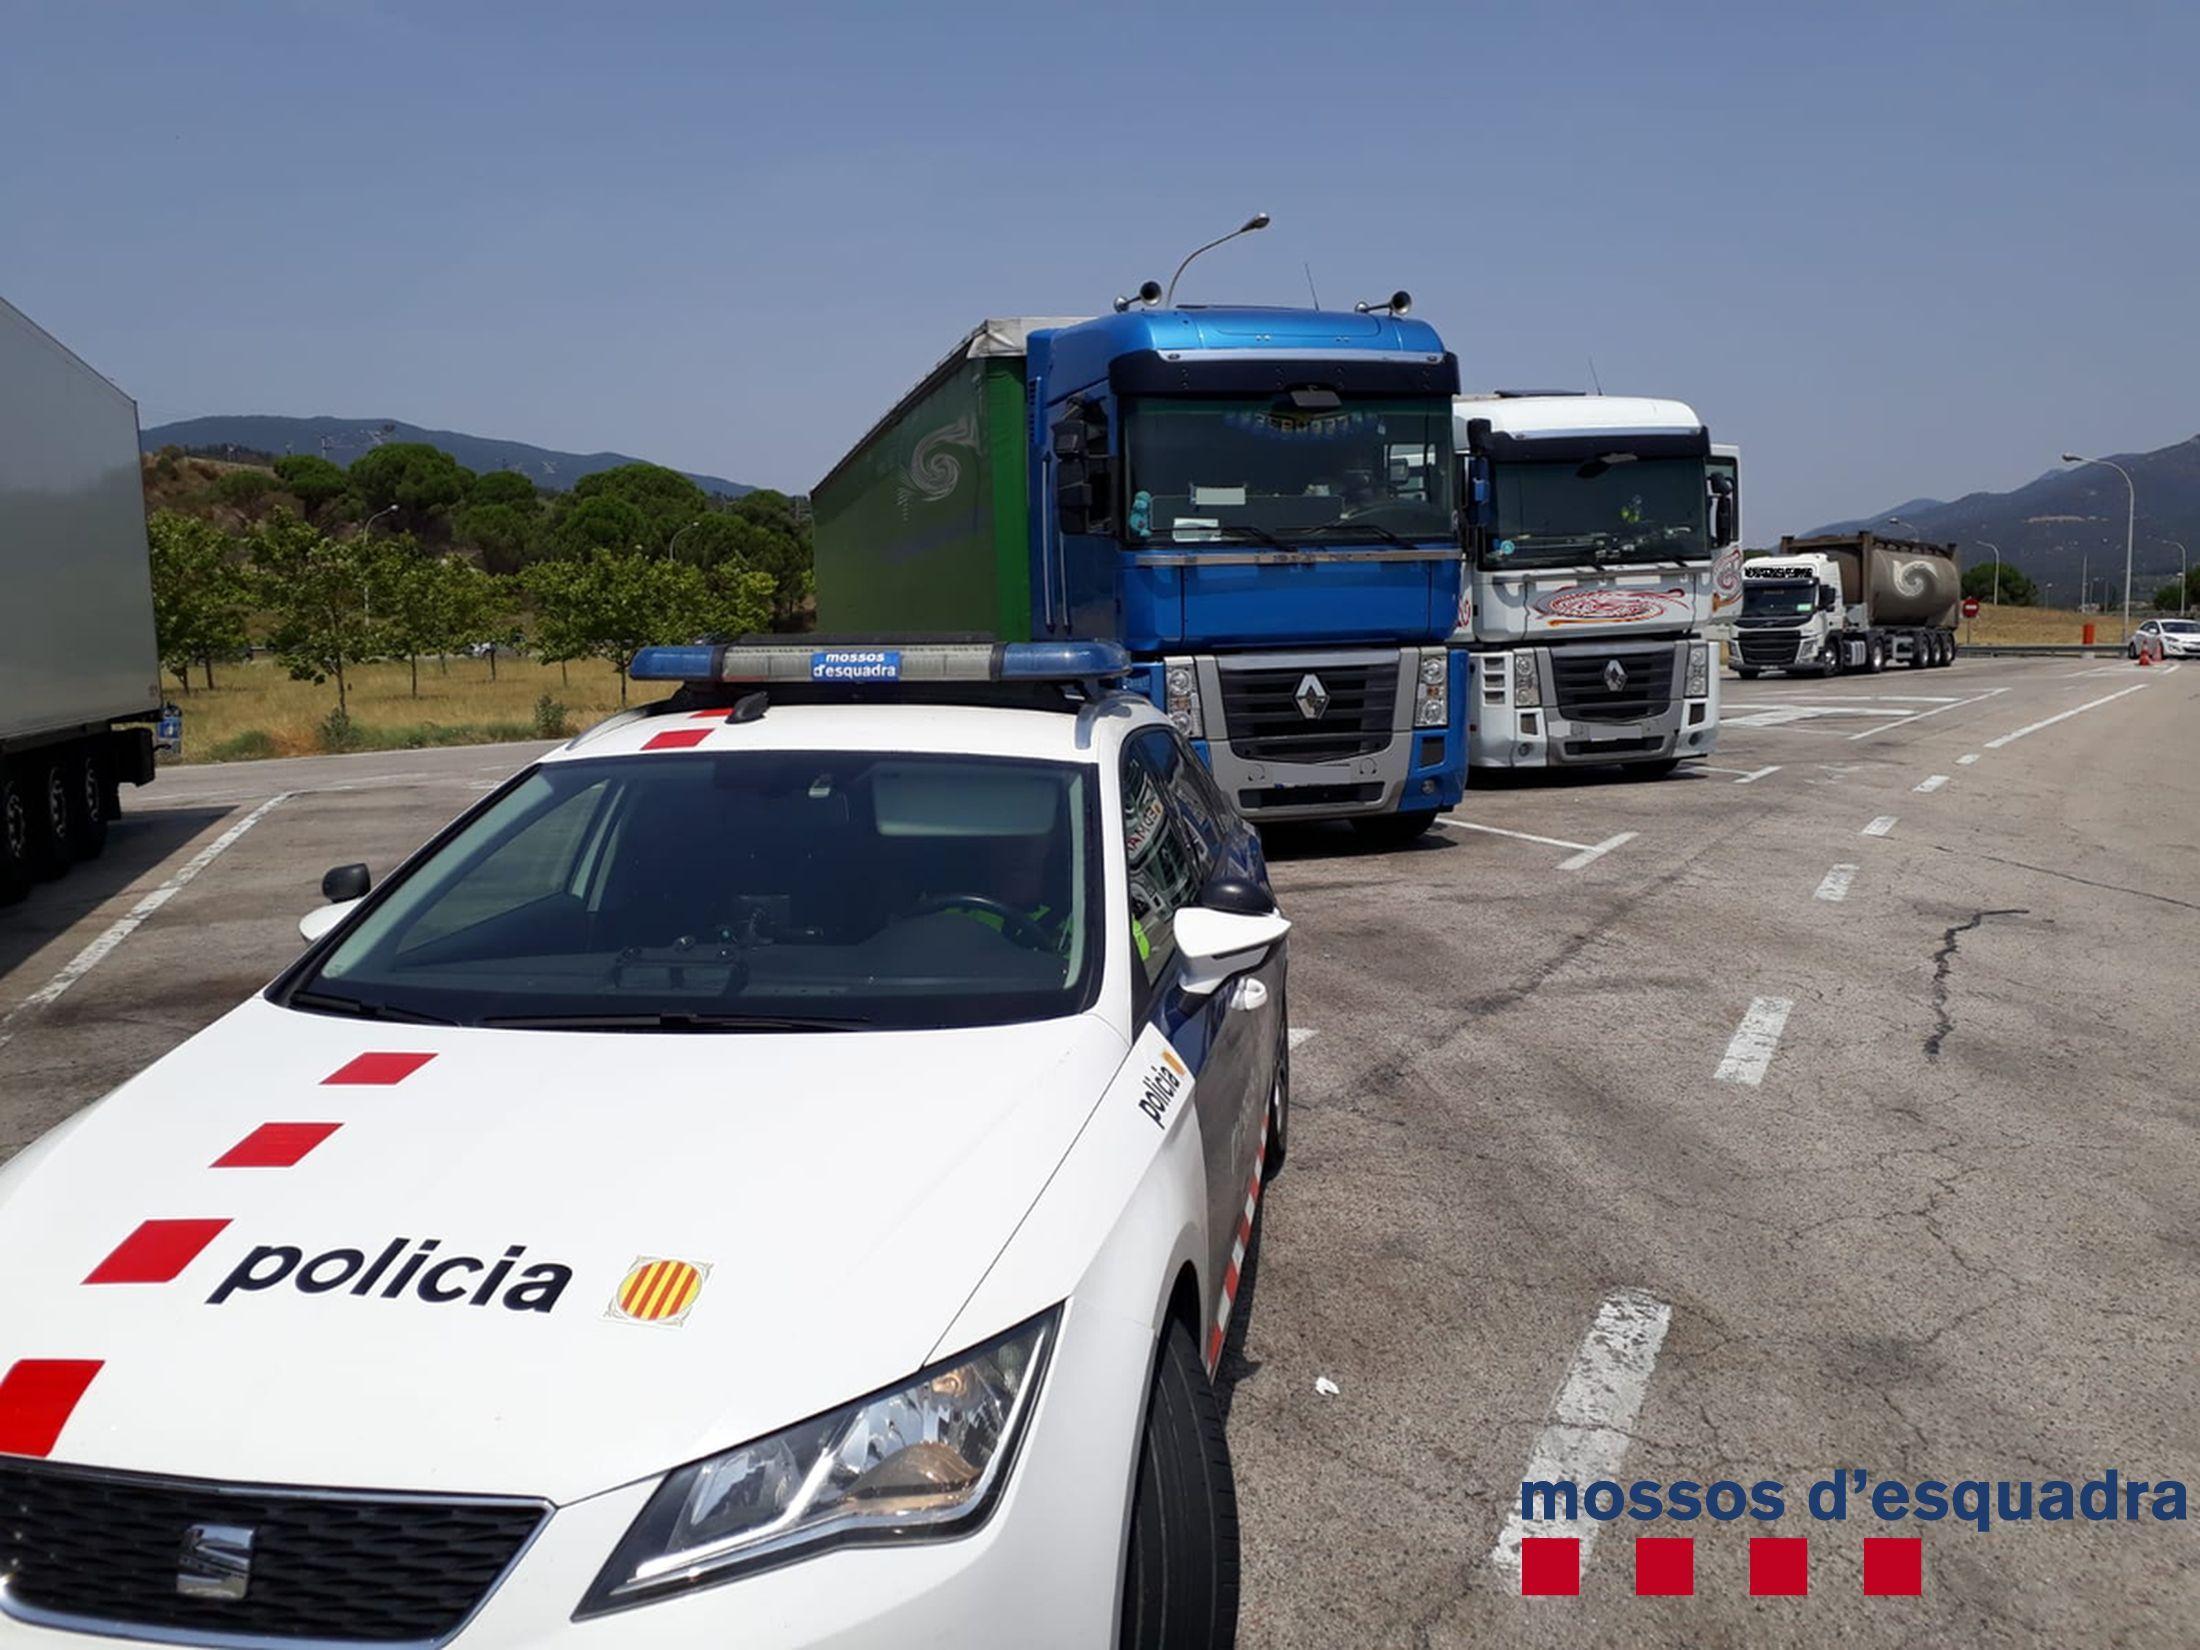 Camions aturats